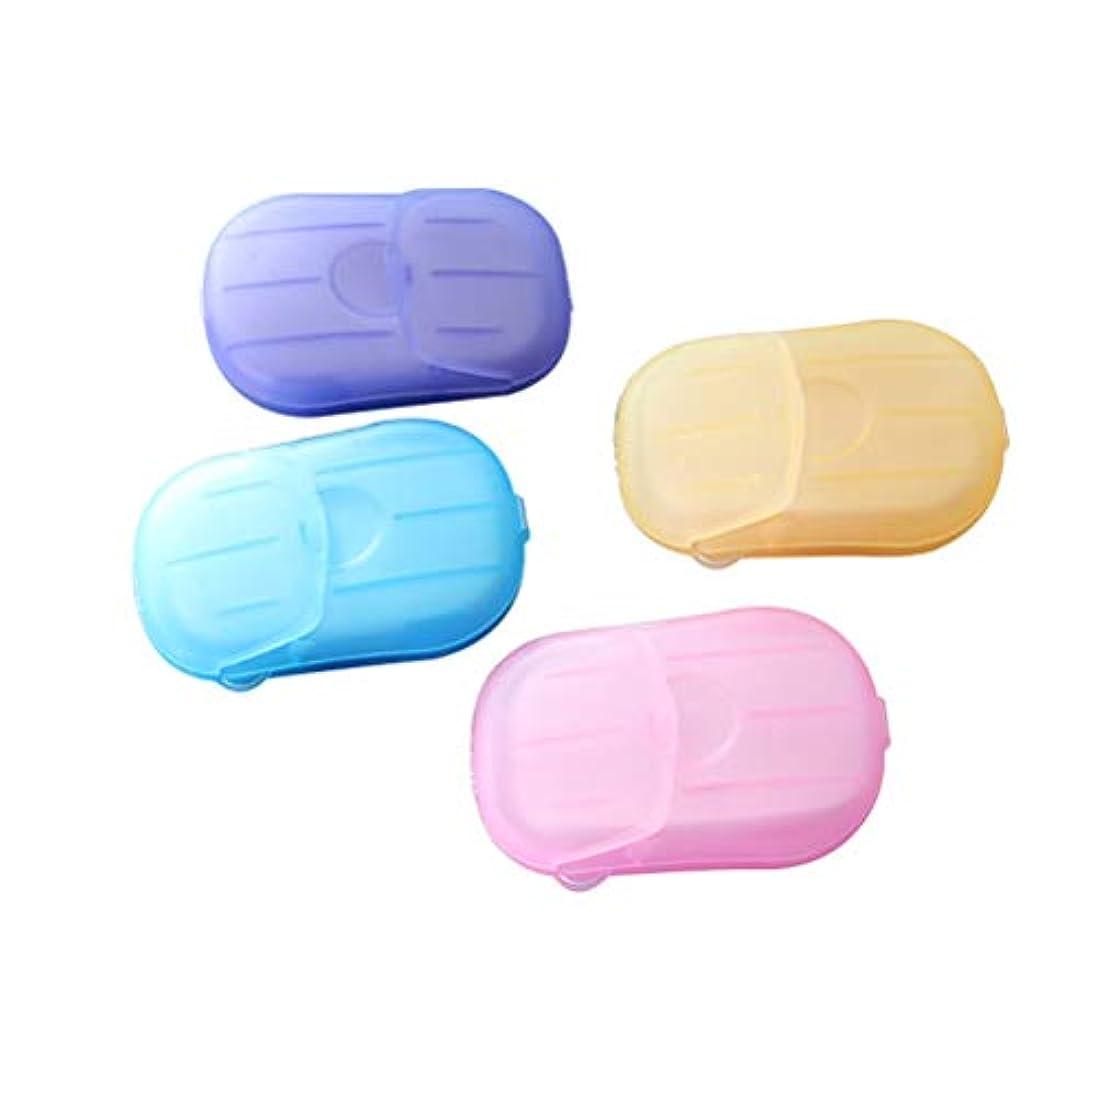 不適当人気慣れるBlight 使い捨て石鹸 香り石鹸 石鹸タブレット ミニペーパーソープ 小型石鹸タブレット 家庭 外出 旅行 除菌 手洗い お風呂